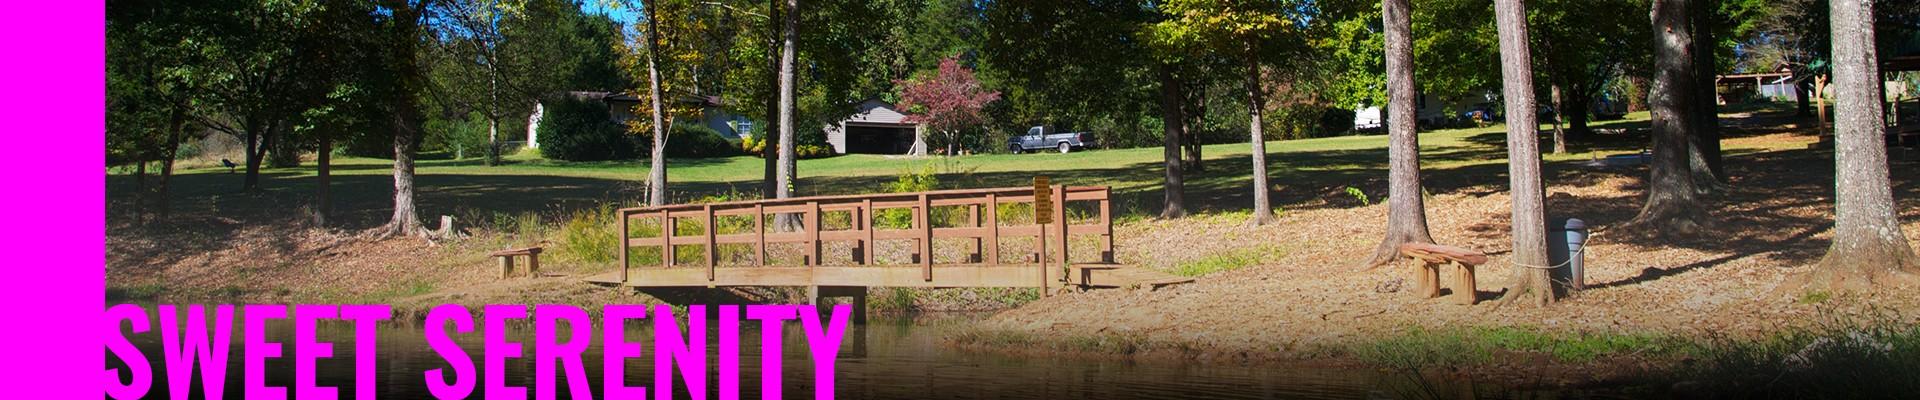 Sweetwater KOA in Sweetwater, TN for RVers